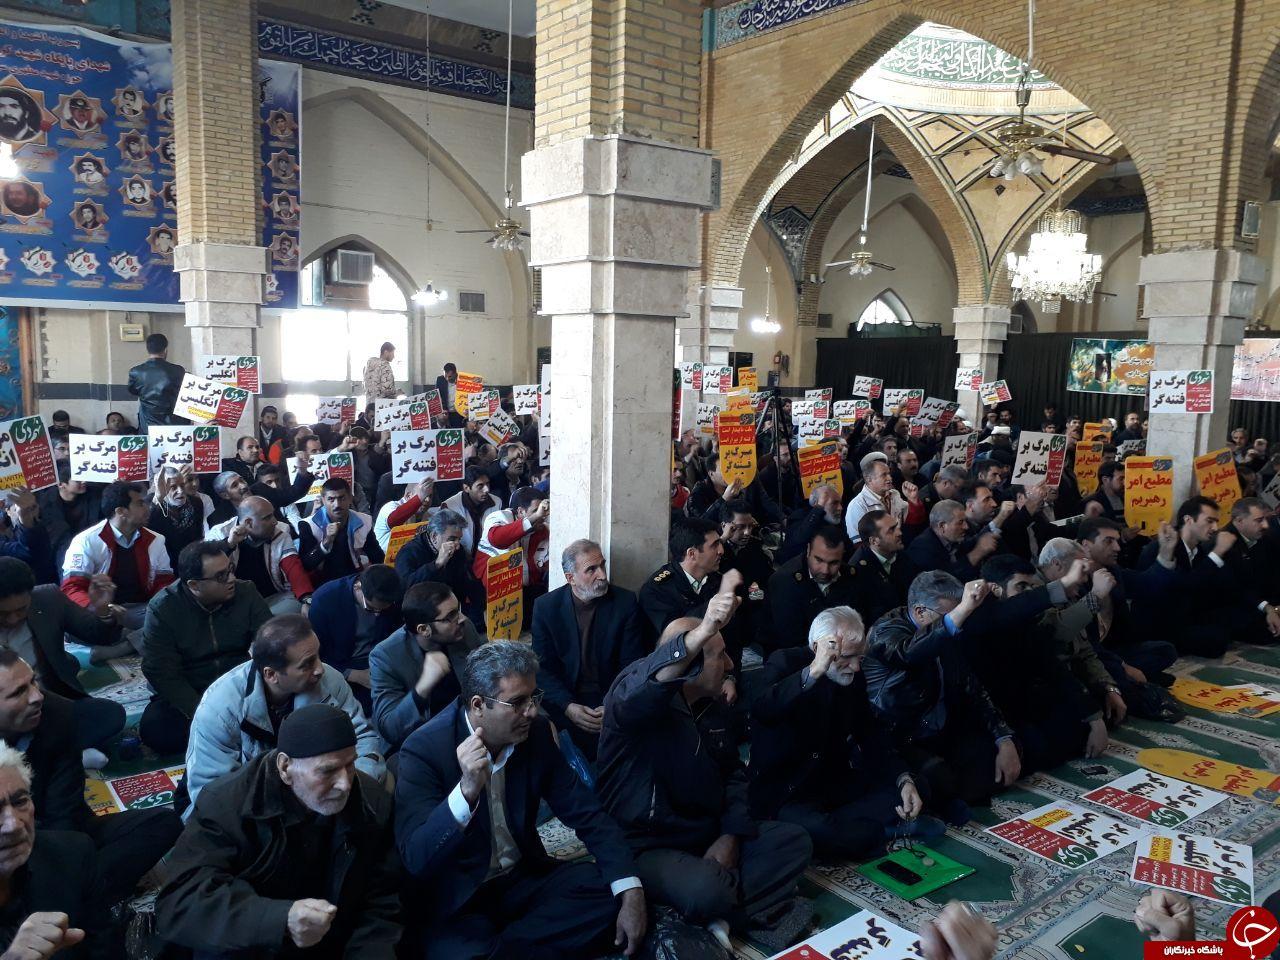 برگزاری مراسم باشکوه  ۹ دی در کرمانشاه +تصاویر